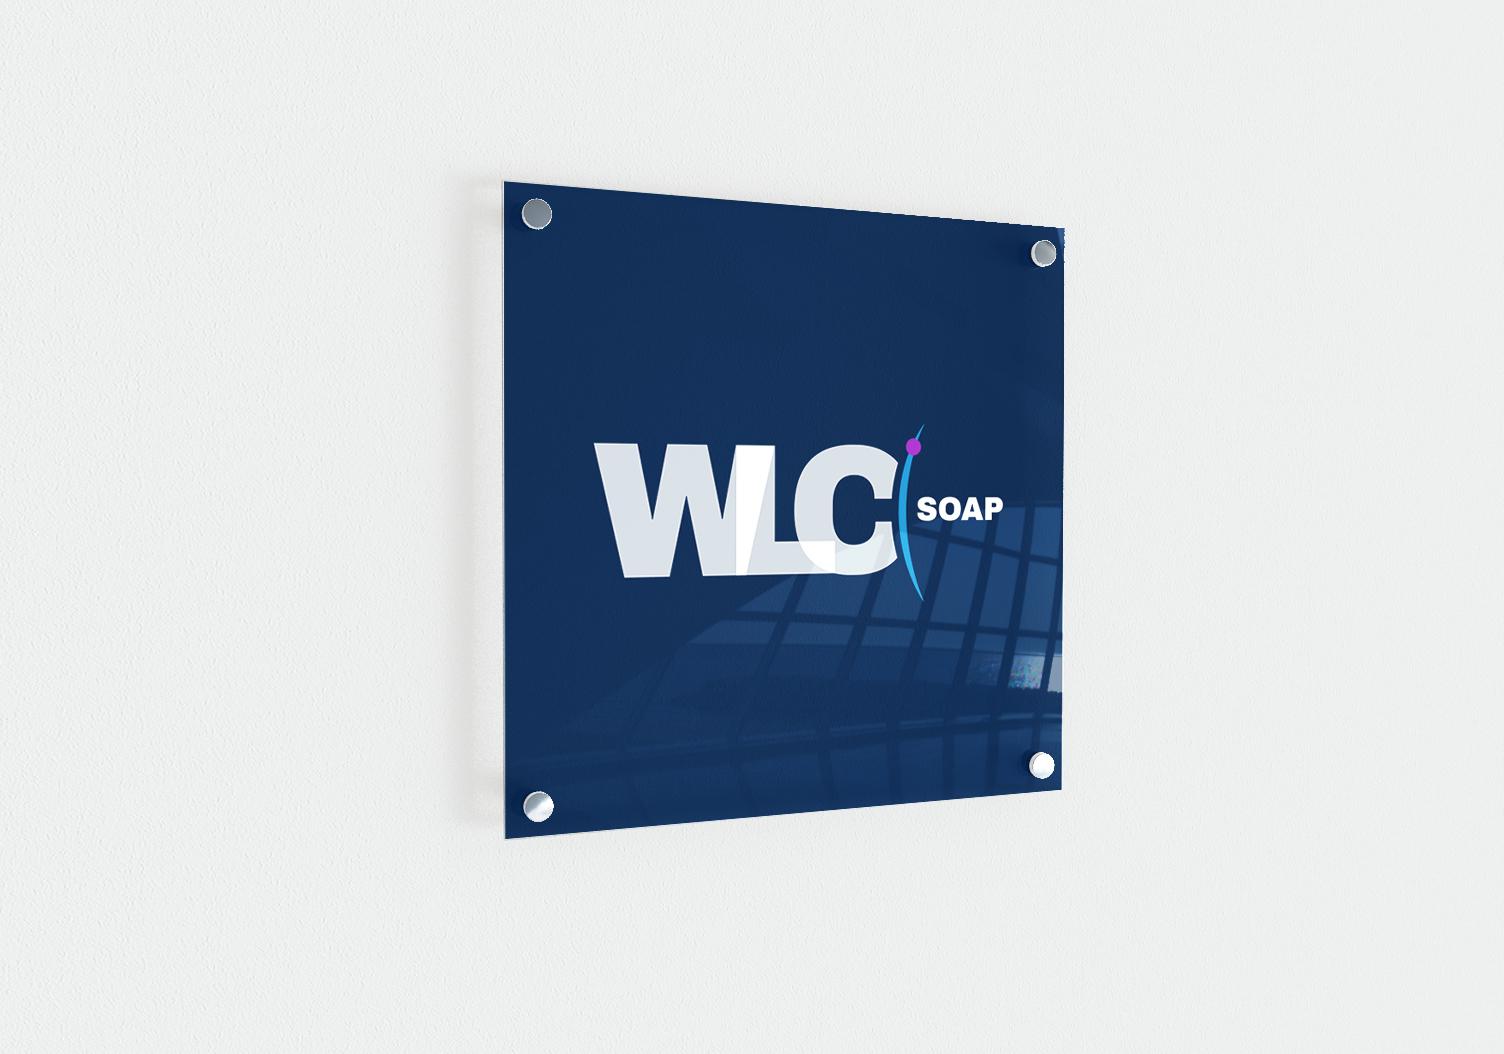 WLC SOAP Biała Lista Podatników - projekt logo